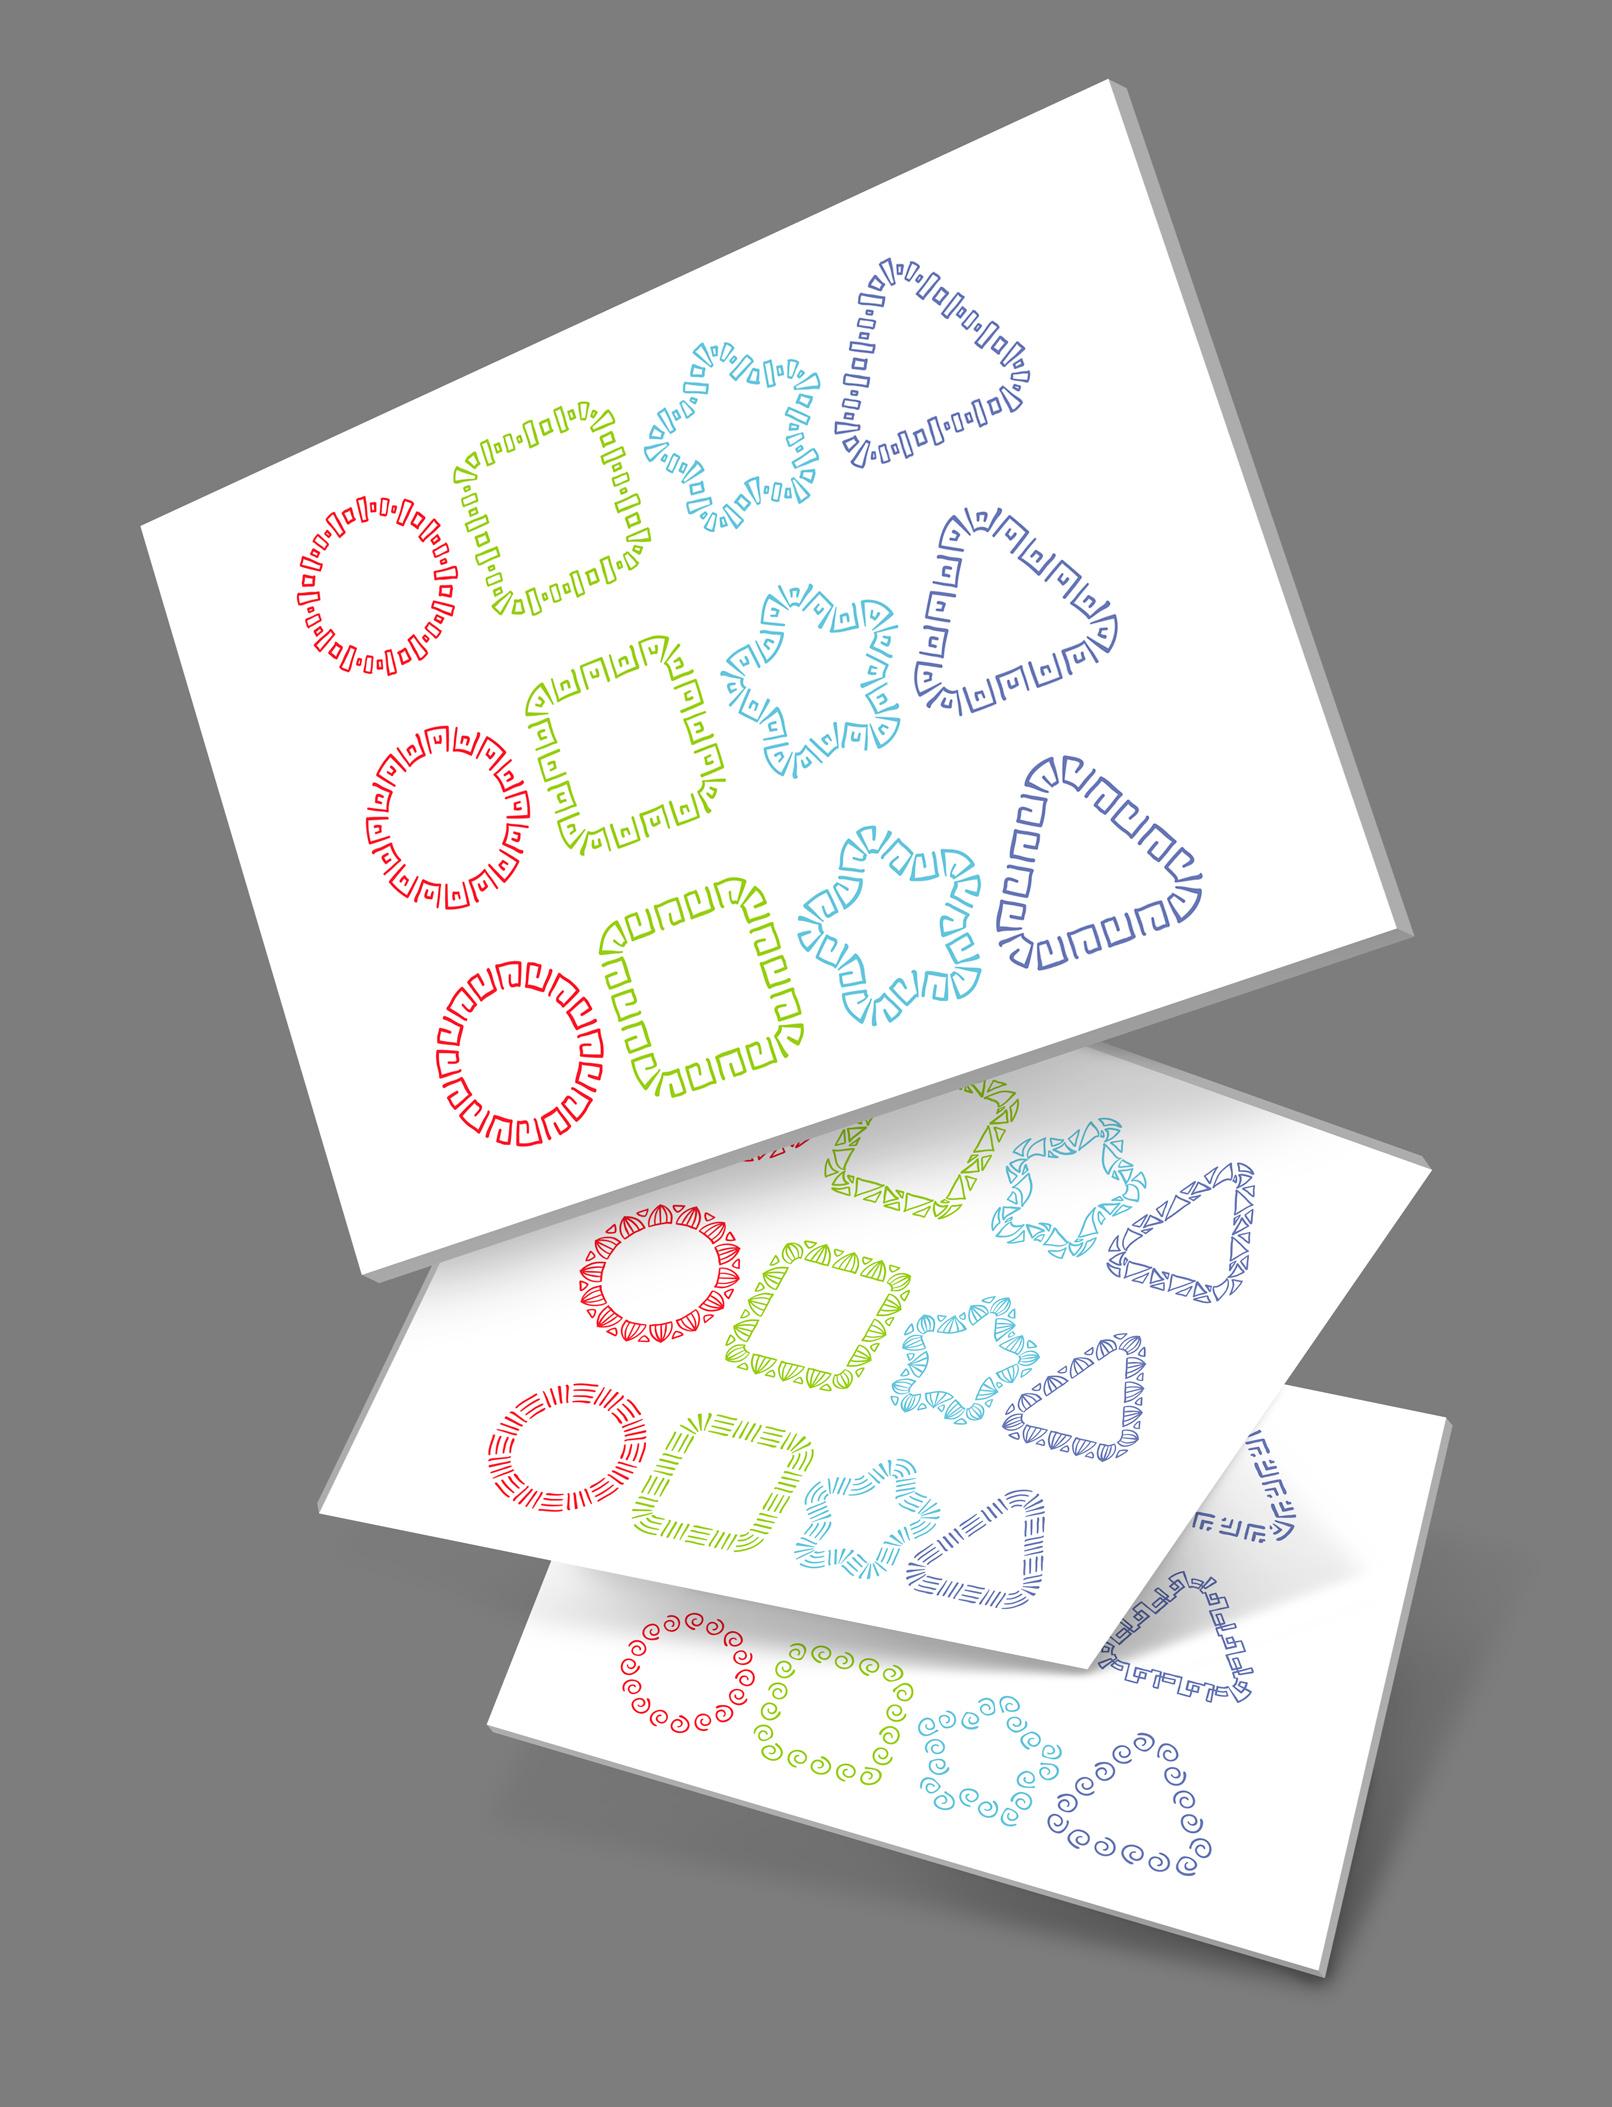 Beispiele zur Anwendung der Adobe Illustrator Brushes mit Ornamenten